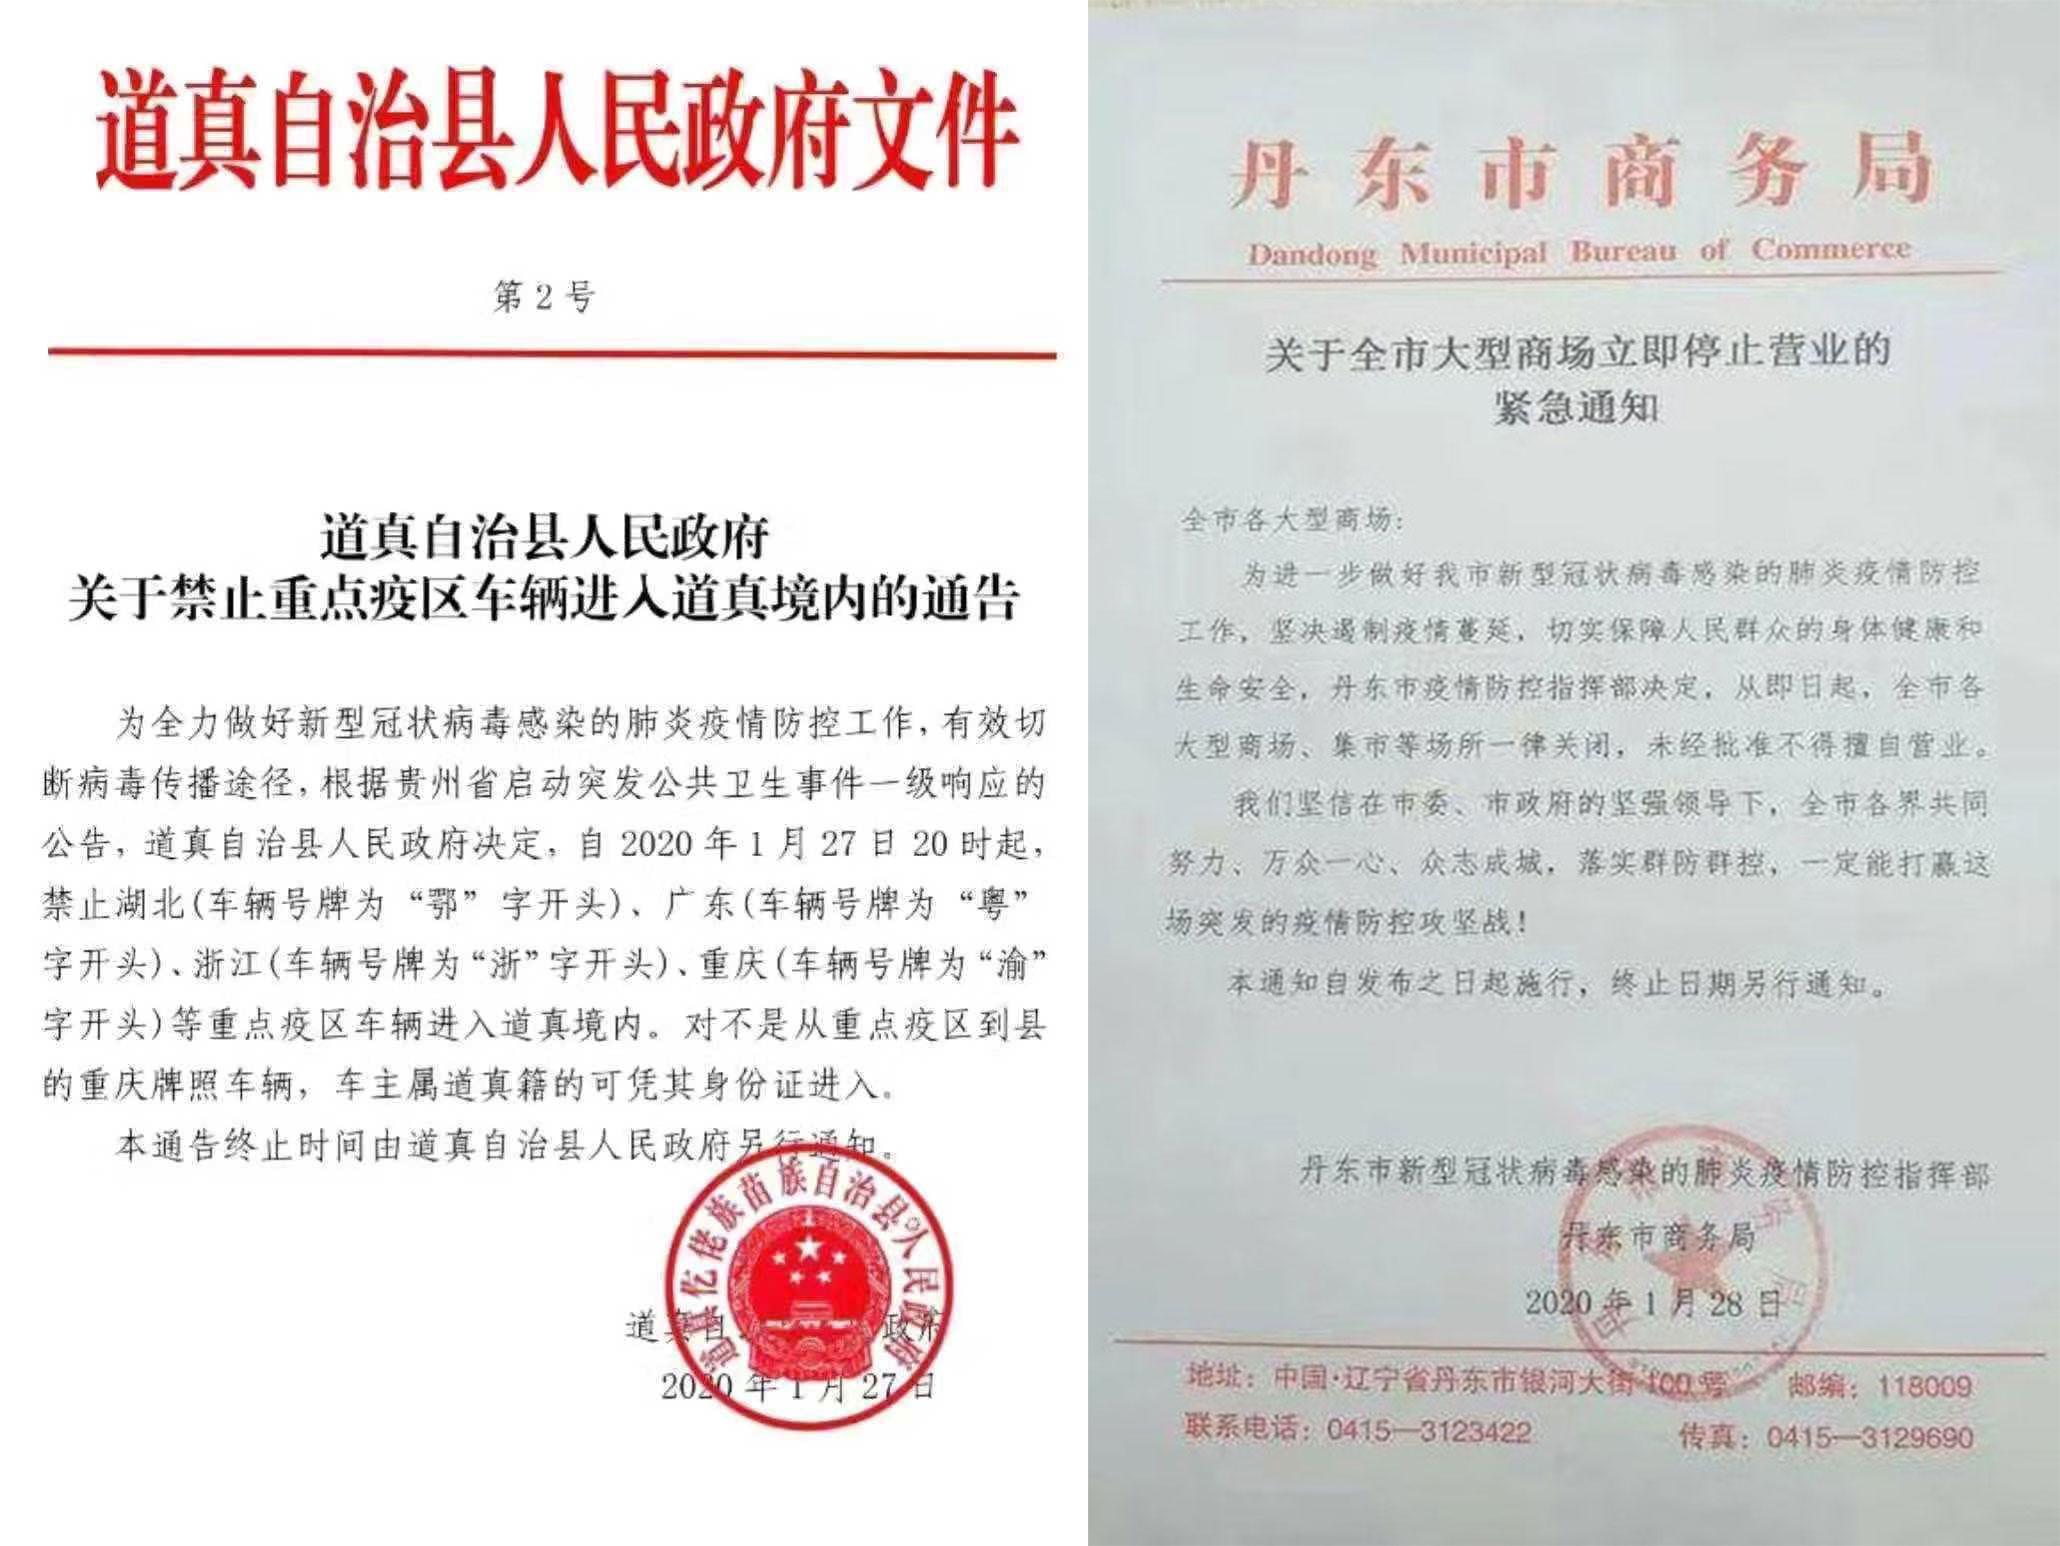 左图:贵州道真县政府发通知,禁止疫情车辆驶入该县;右图:丹东市商务厅发紧急通知,全市商场立即停止营业。(媒体人提供/记者乔龙)